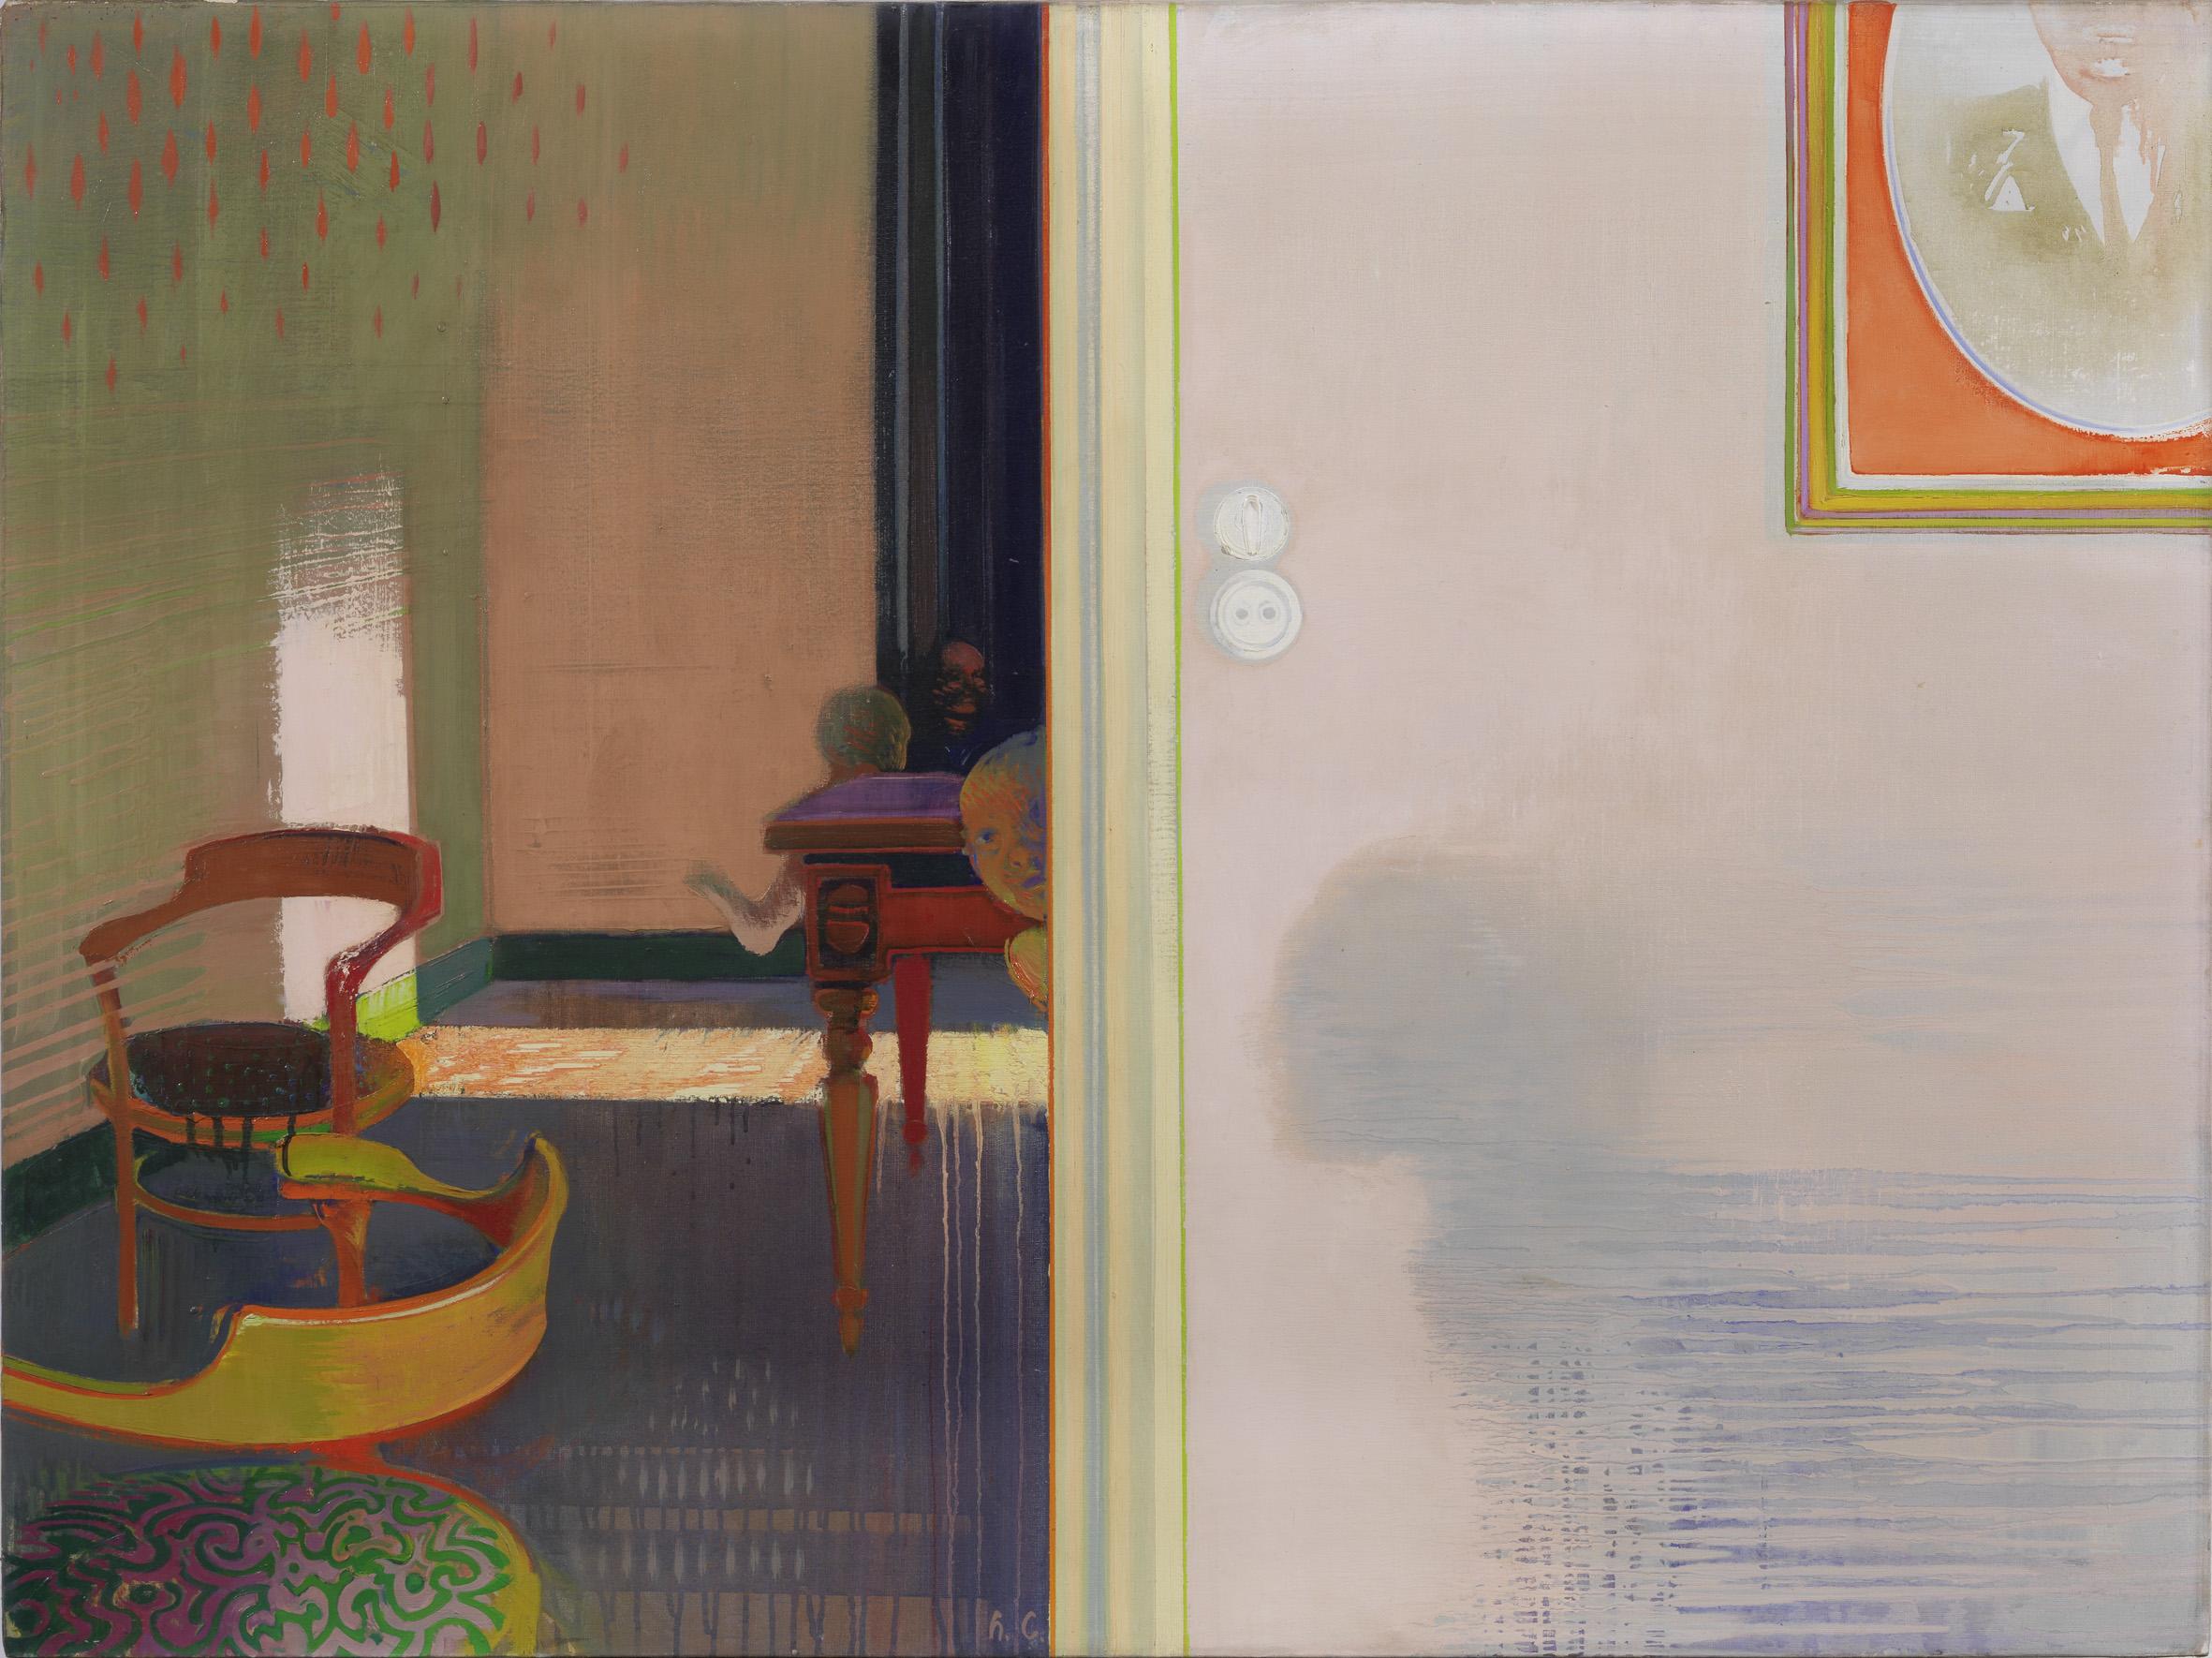 Leonardo Cremonini, Cache cache, 1965-1966, Collezione privata, Parigi